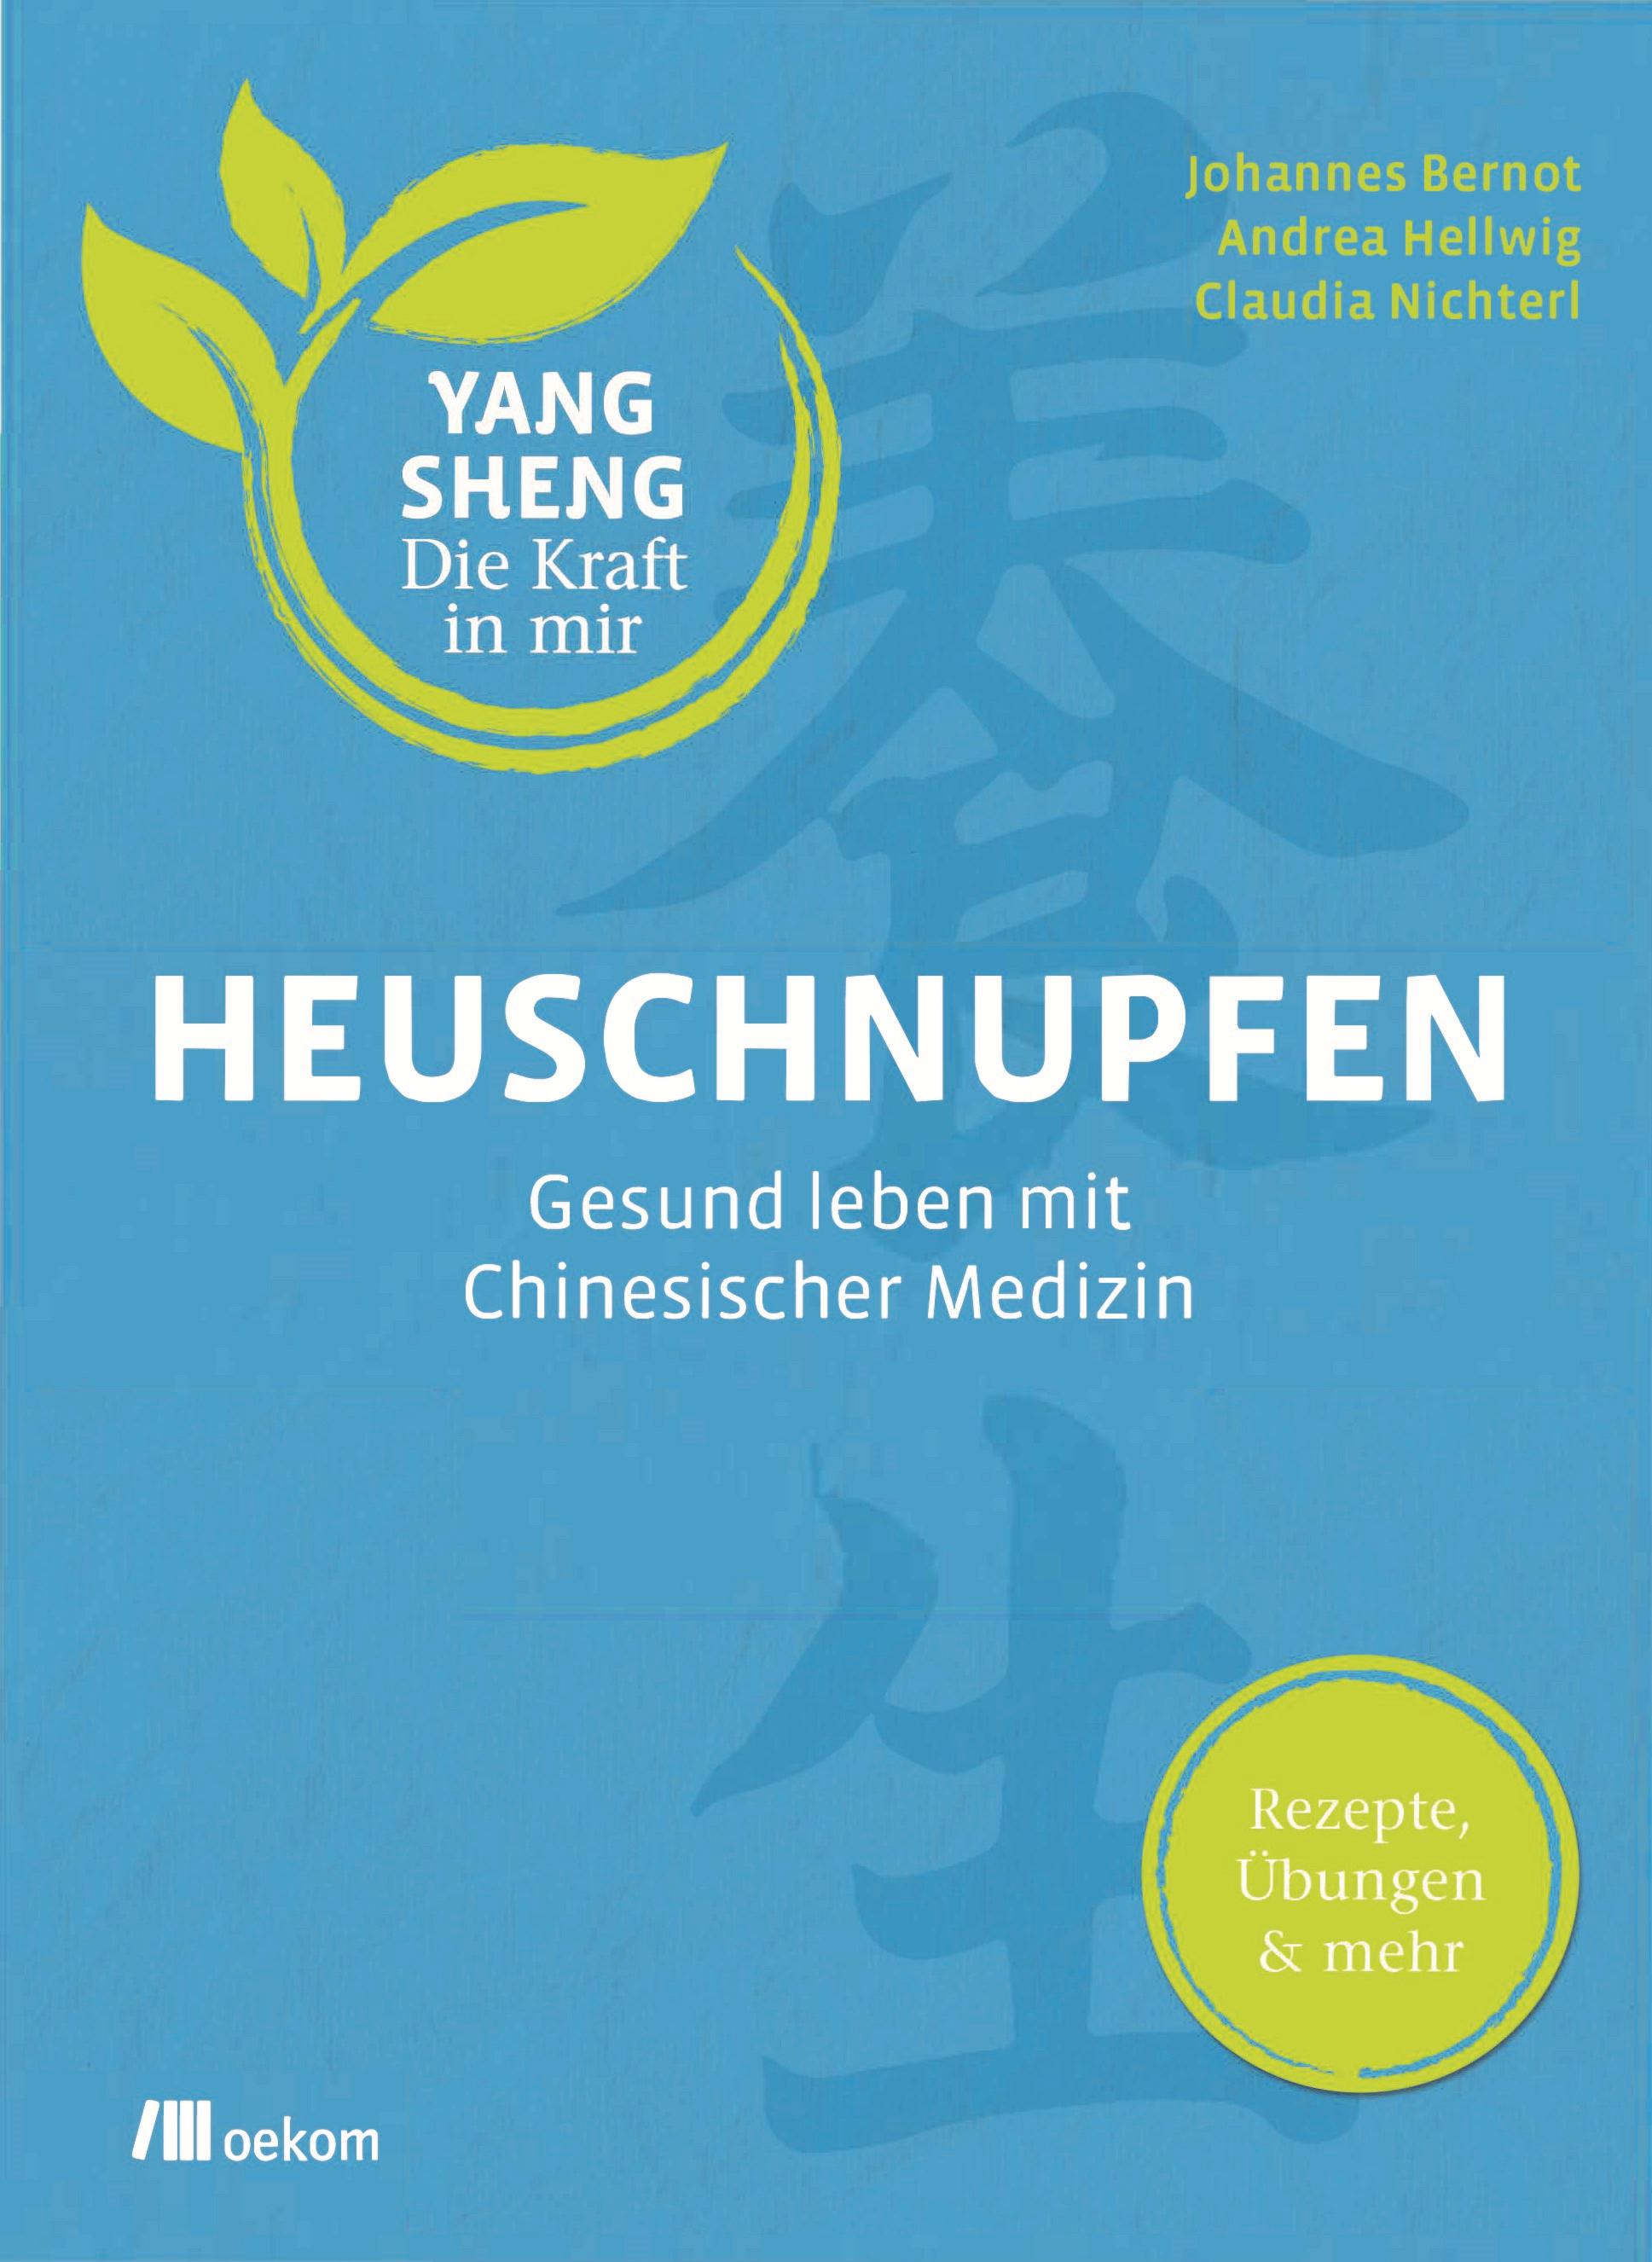 Buch-Cover Bernot, Hellwig, Nichterl: Heuschnupfen Gesund leben mit chinesischer Medizin